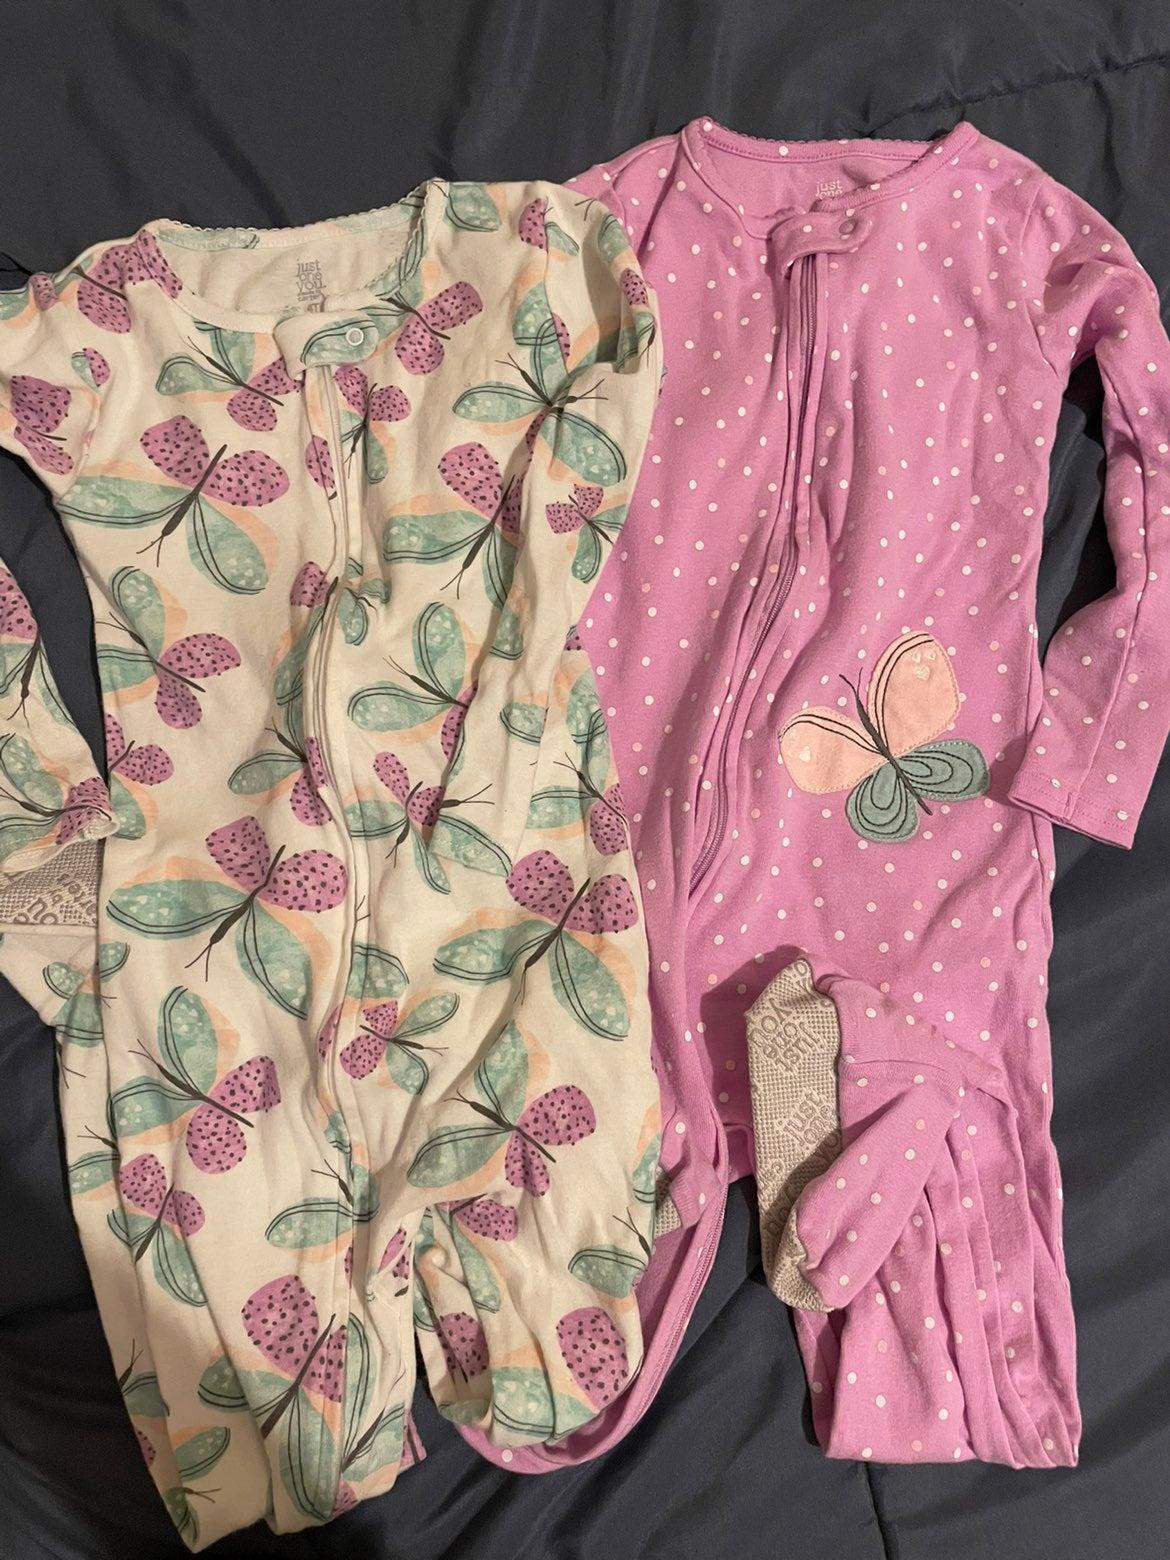 Toddler girl sleepwear